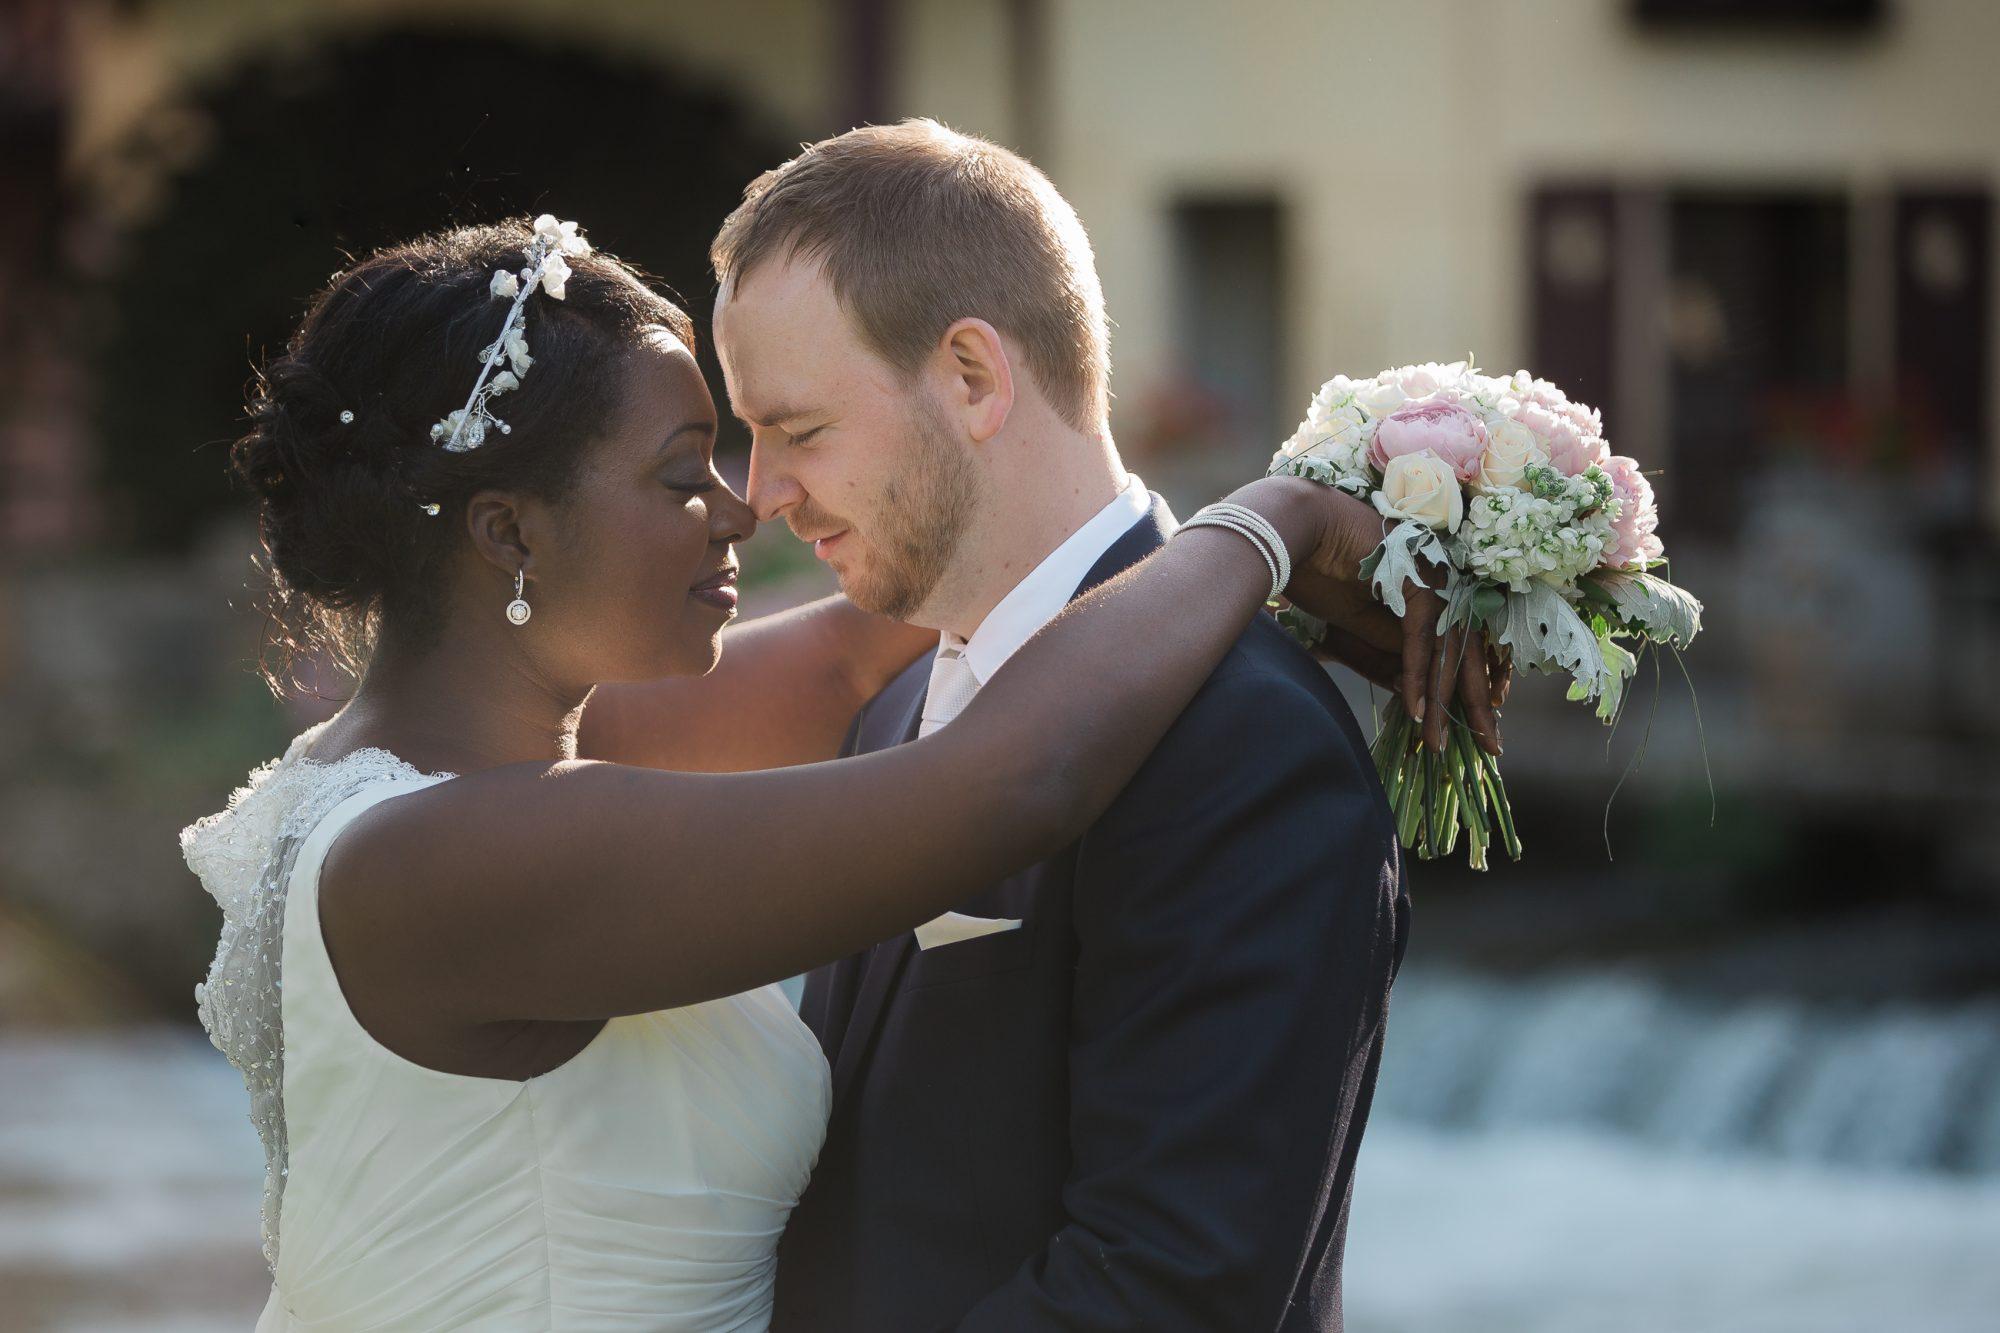 photographe mariage paris france wedding photographer paris soul